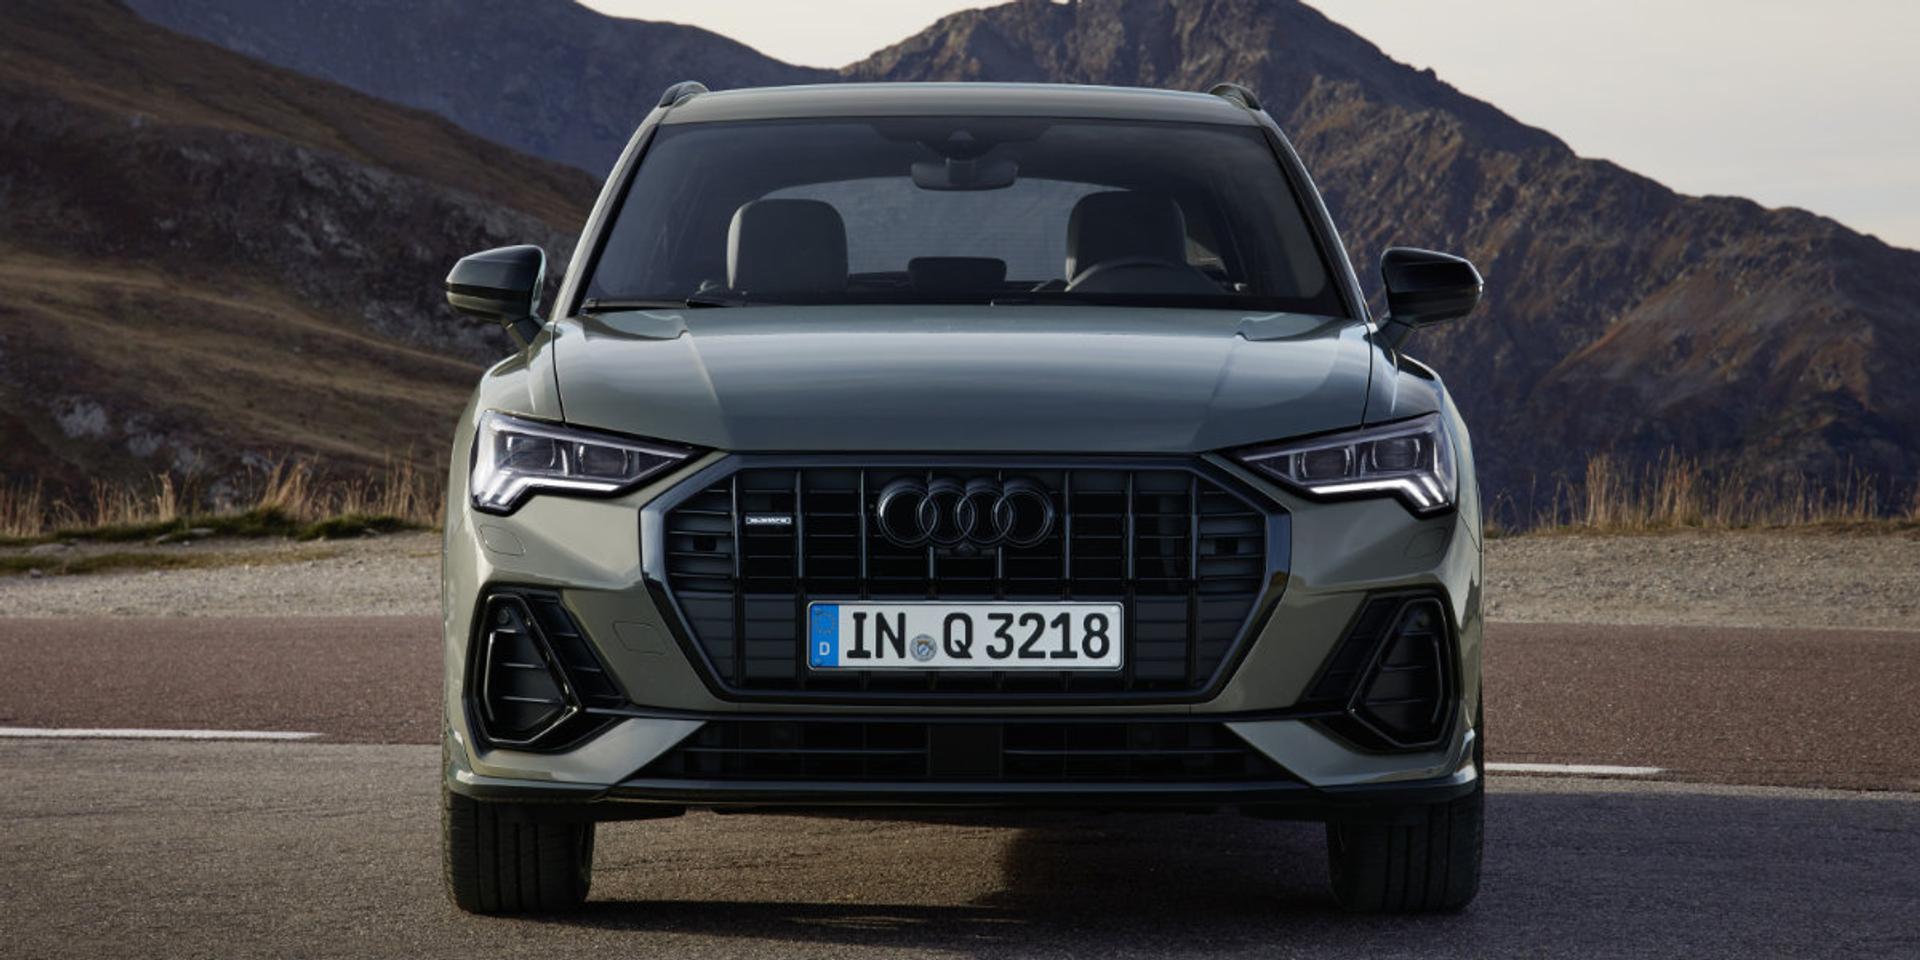 Audi Q3 front view